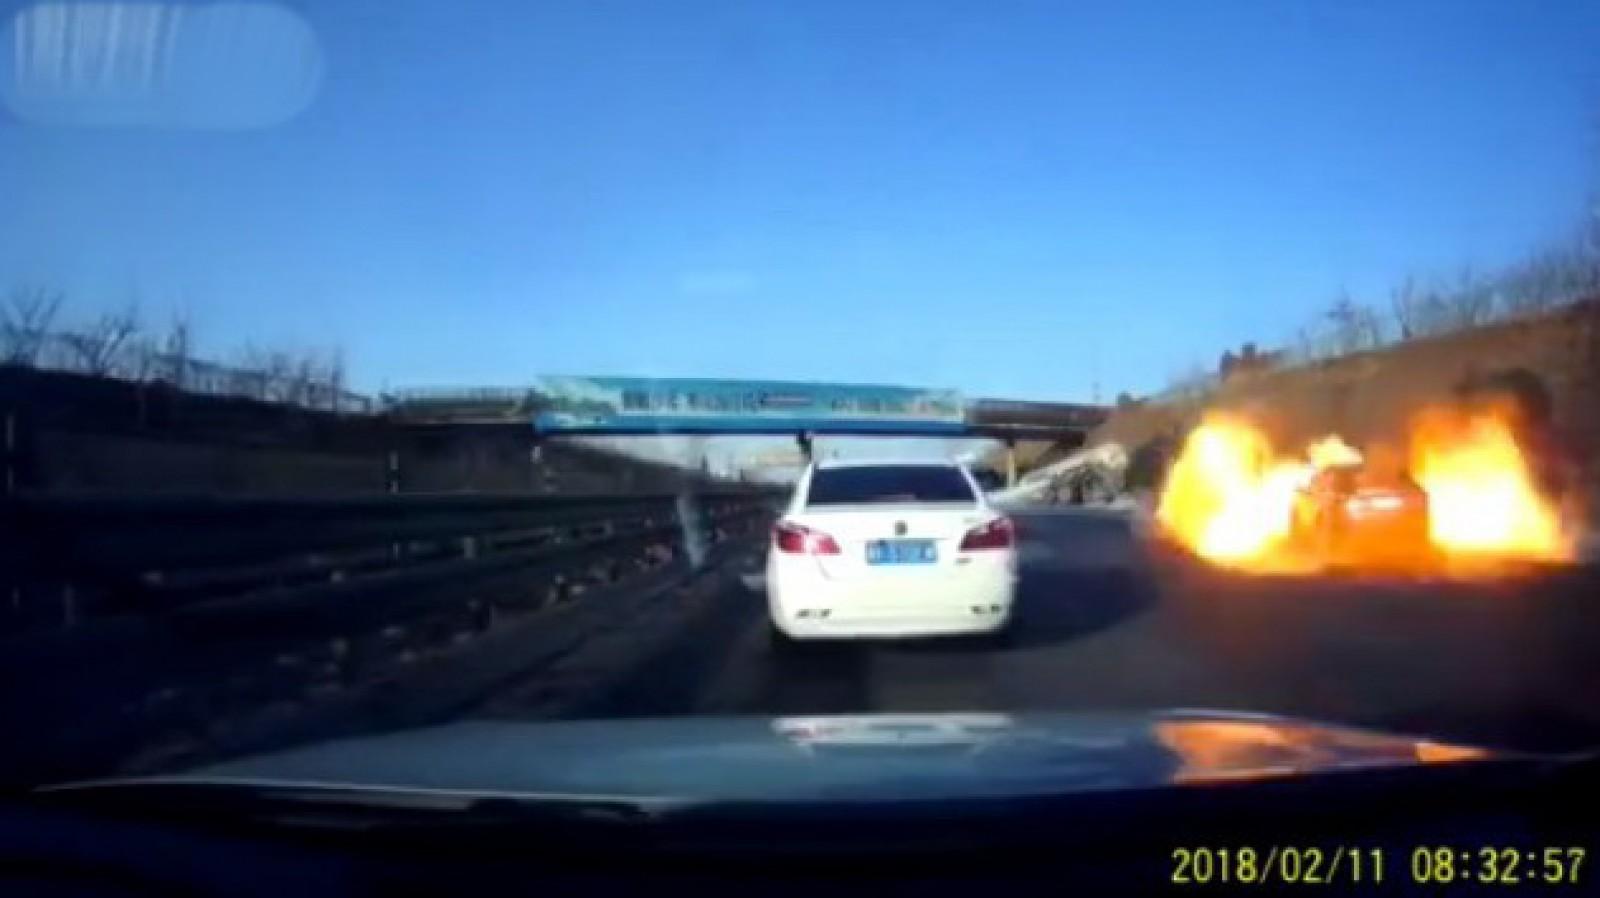 (video) Accident cu implicarea unui camion care transporta GPL. Ce a urmat este de-a dreptul şocant